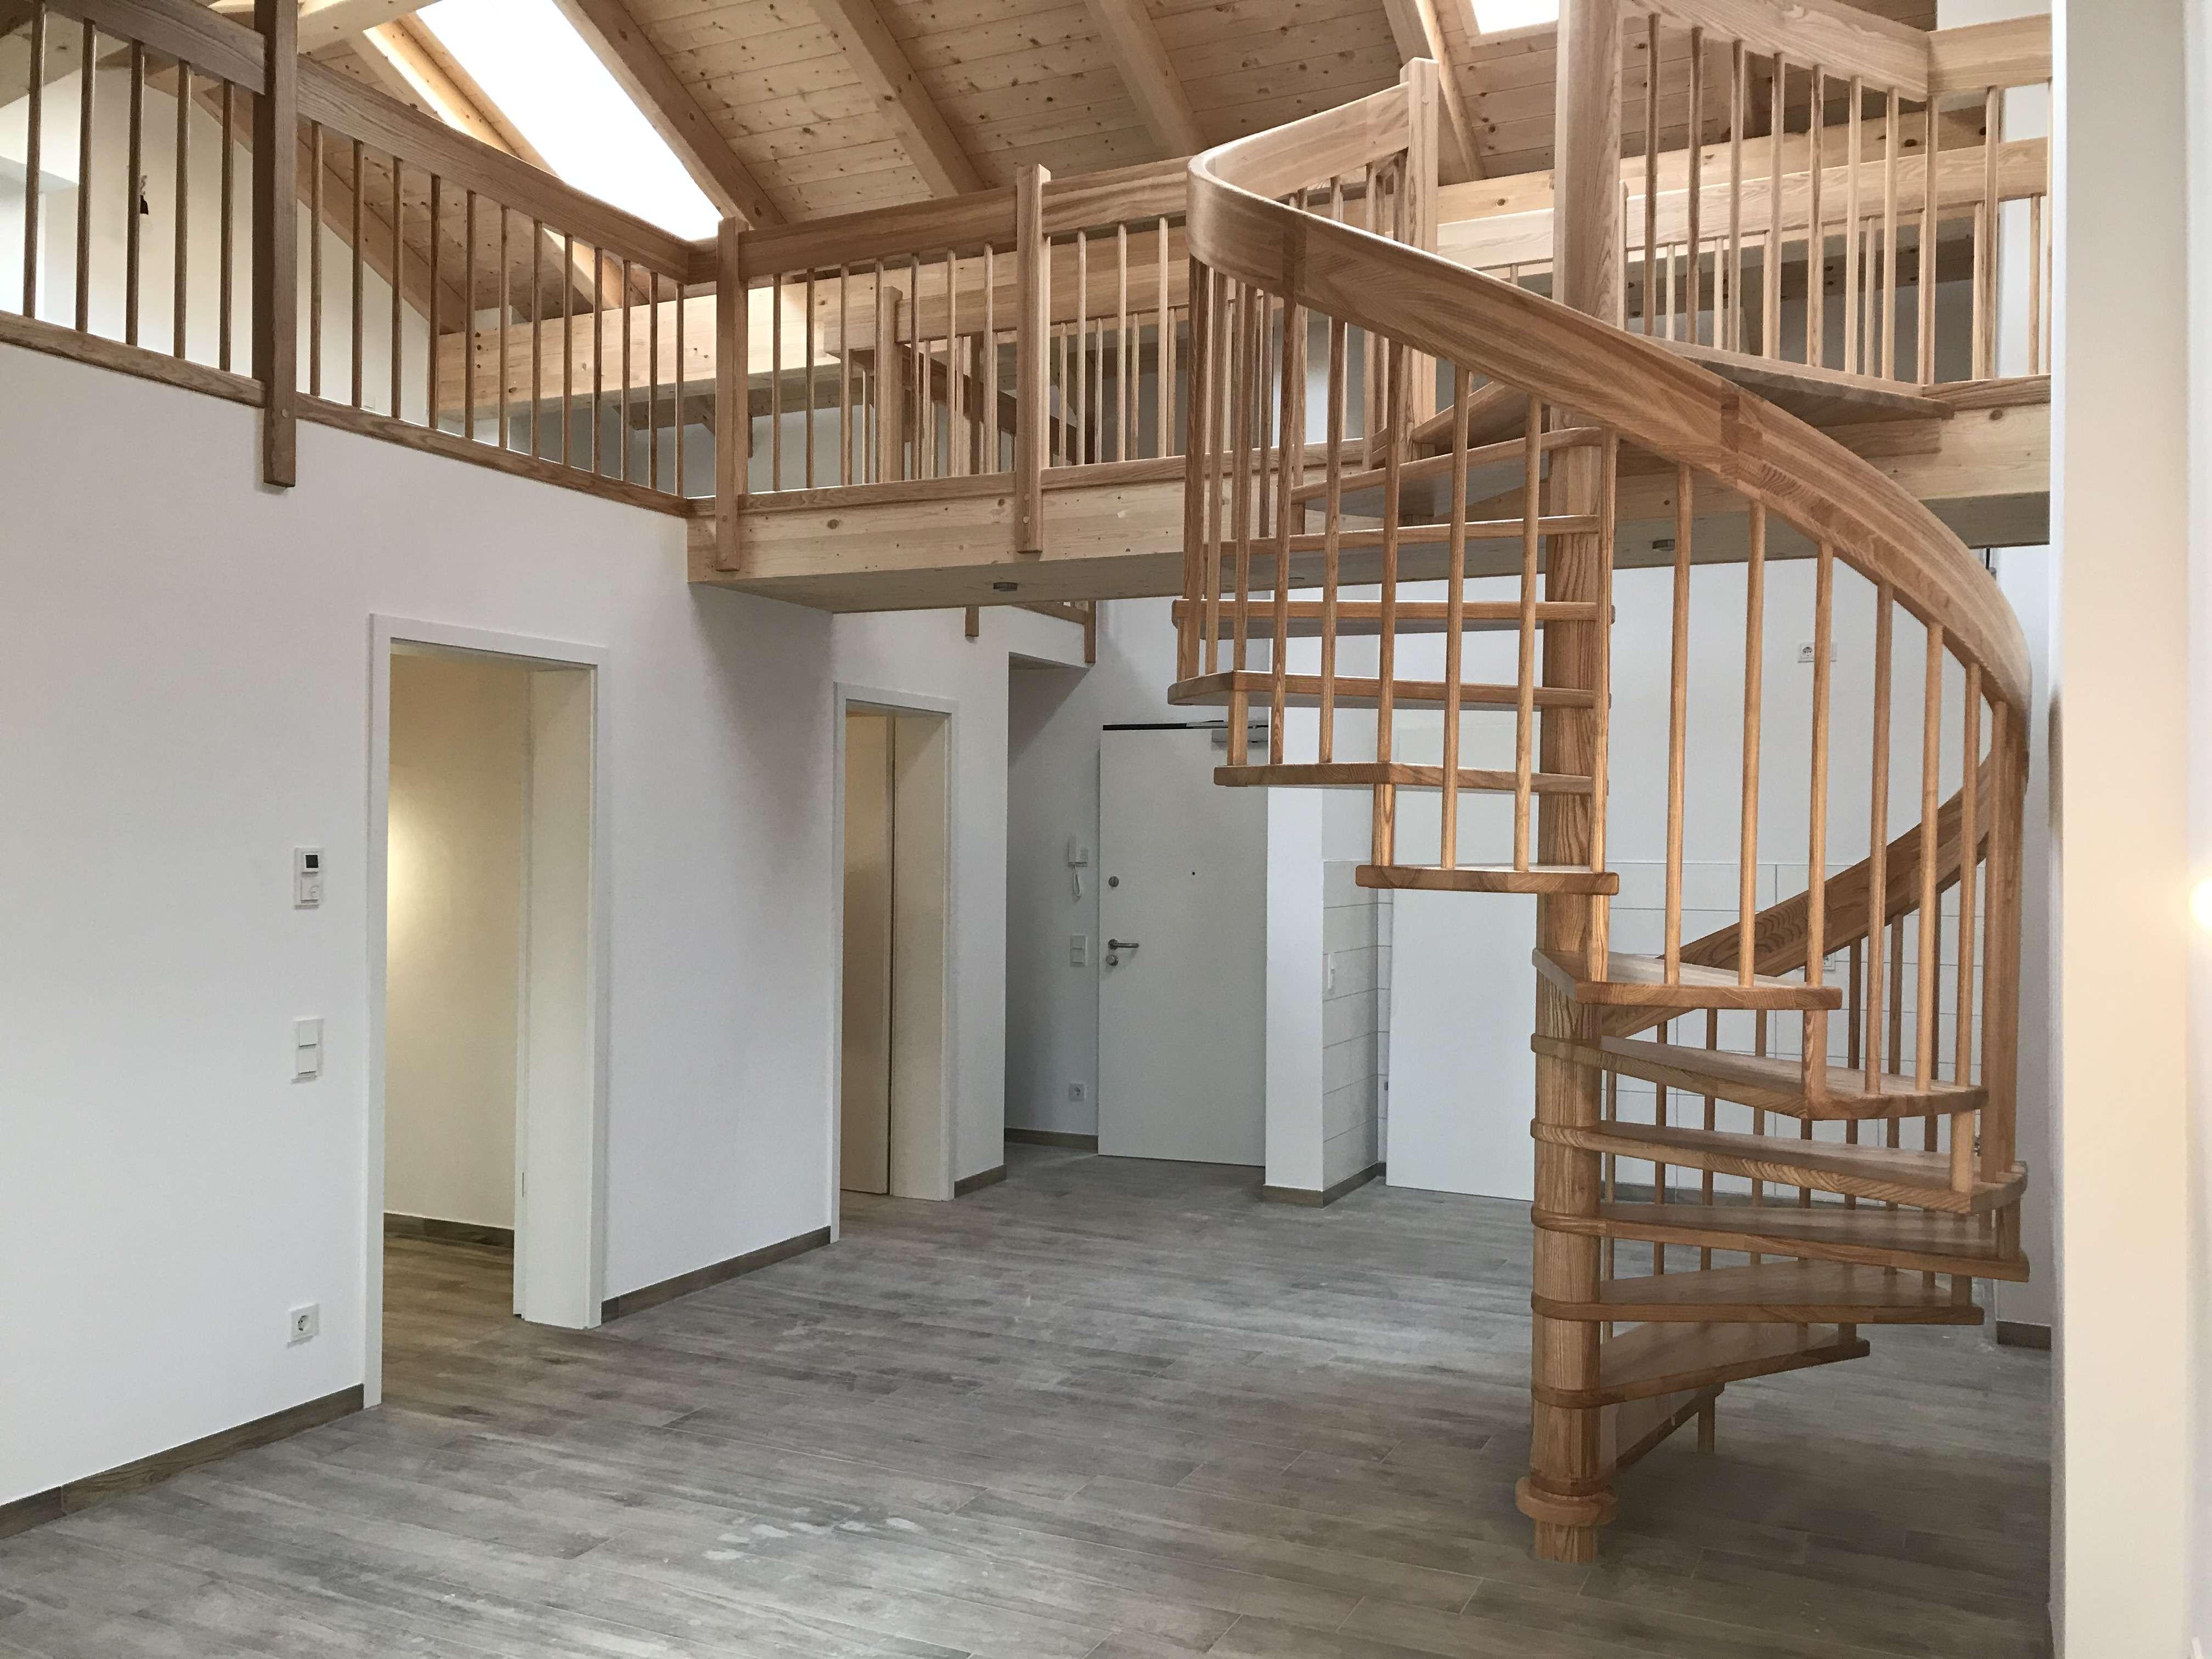 Nr. 21 Schöne lichtdurchflutete 3 Zimmer Wohnung mit EBK + Sichtdachstuhl Holz in Germering (Fürstenfeldbruck)